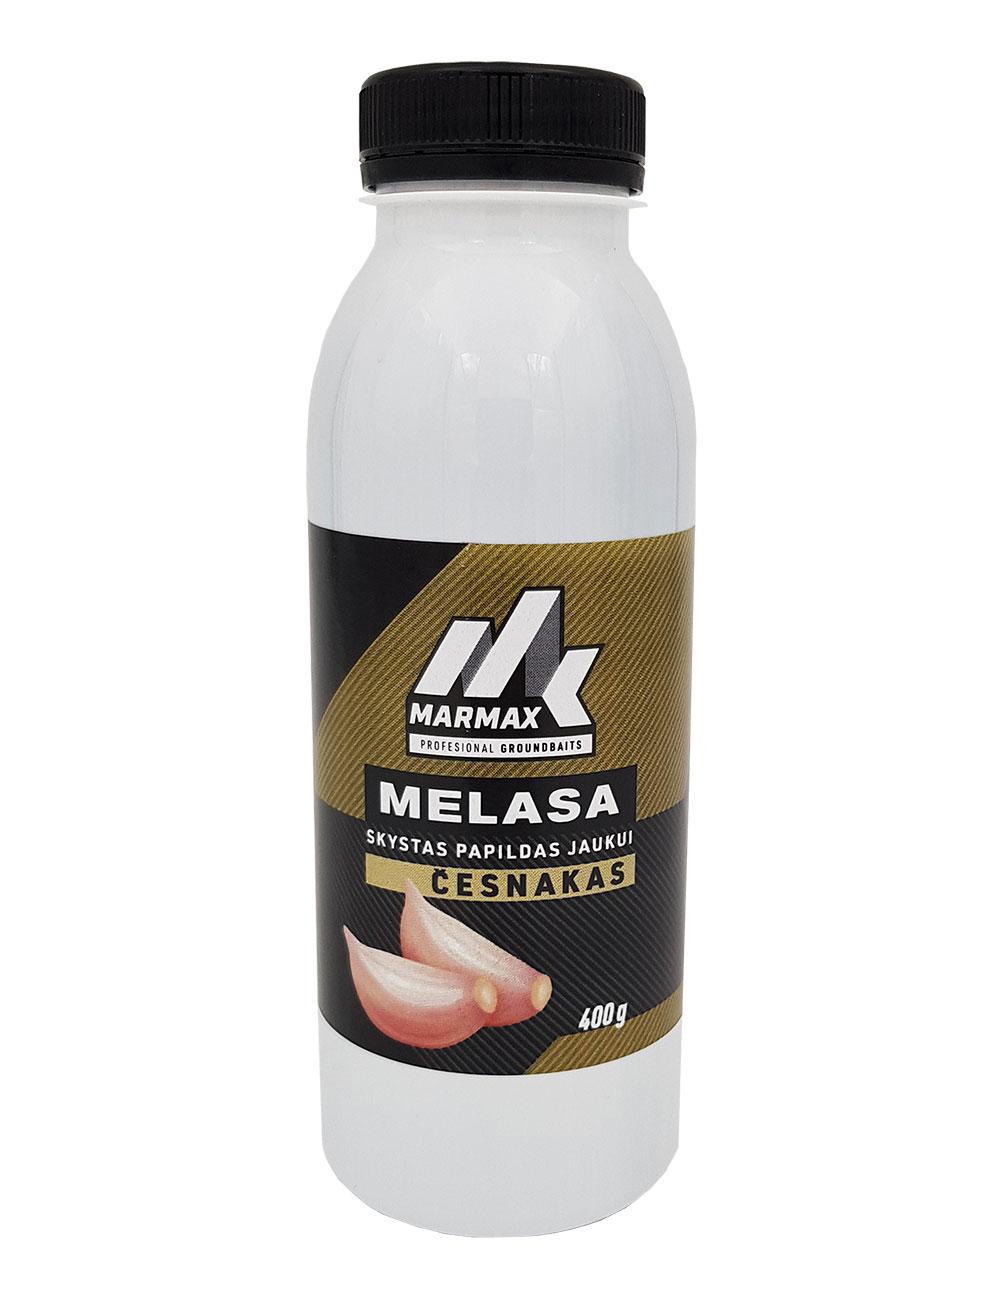 Melasa - Česnakas (400g)